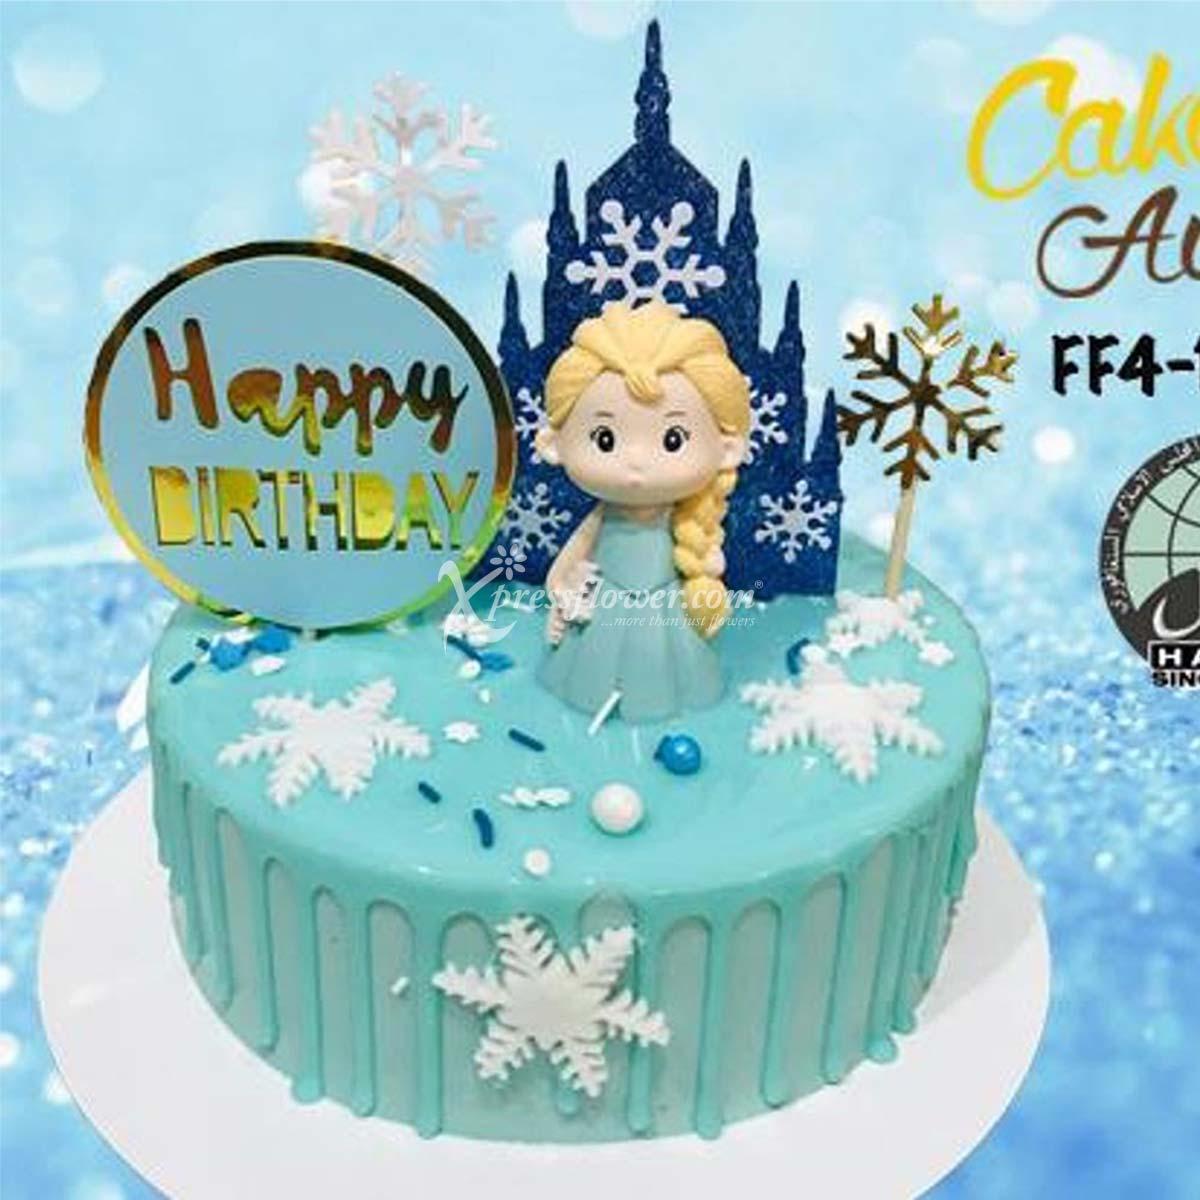 CAC2101 Happy Birthday Snow Princess B